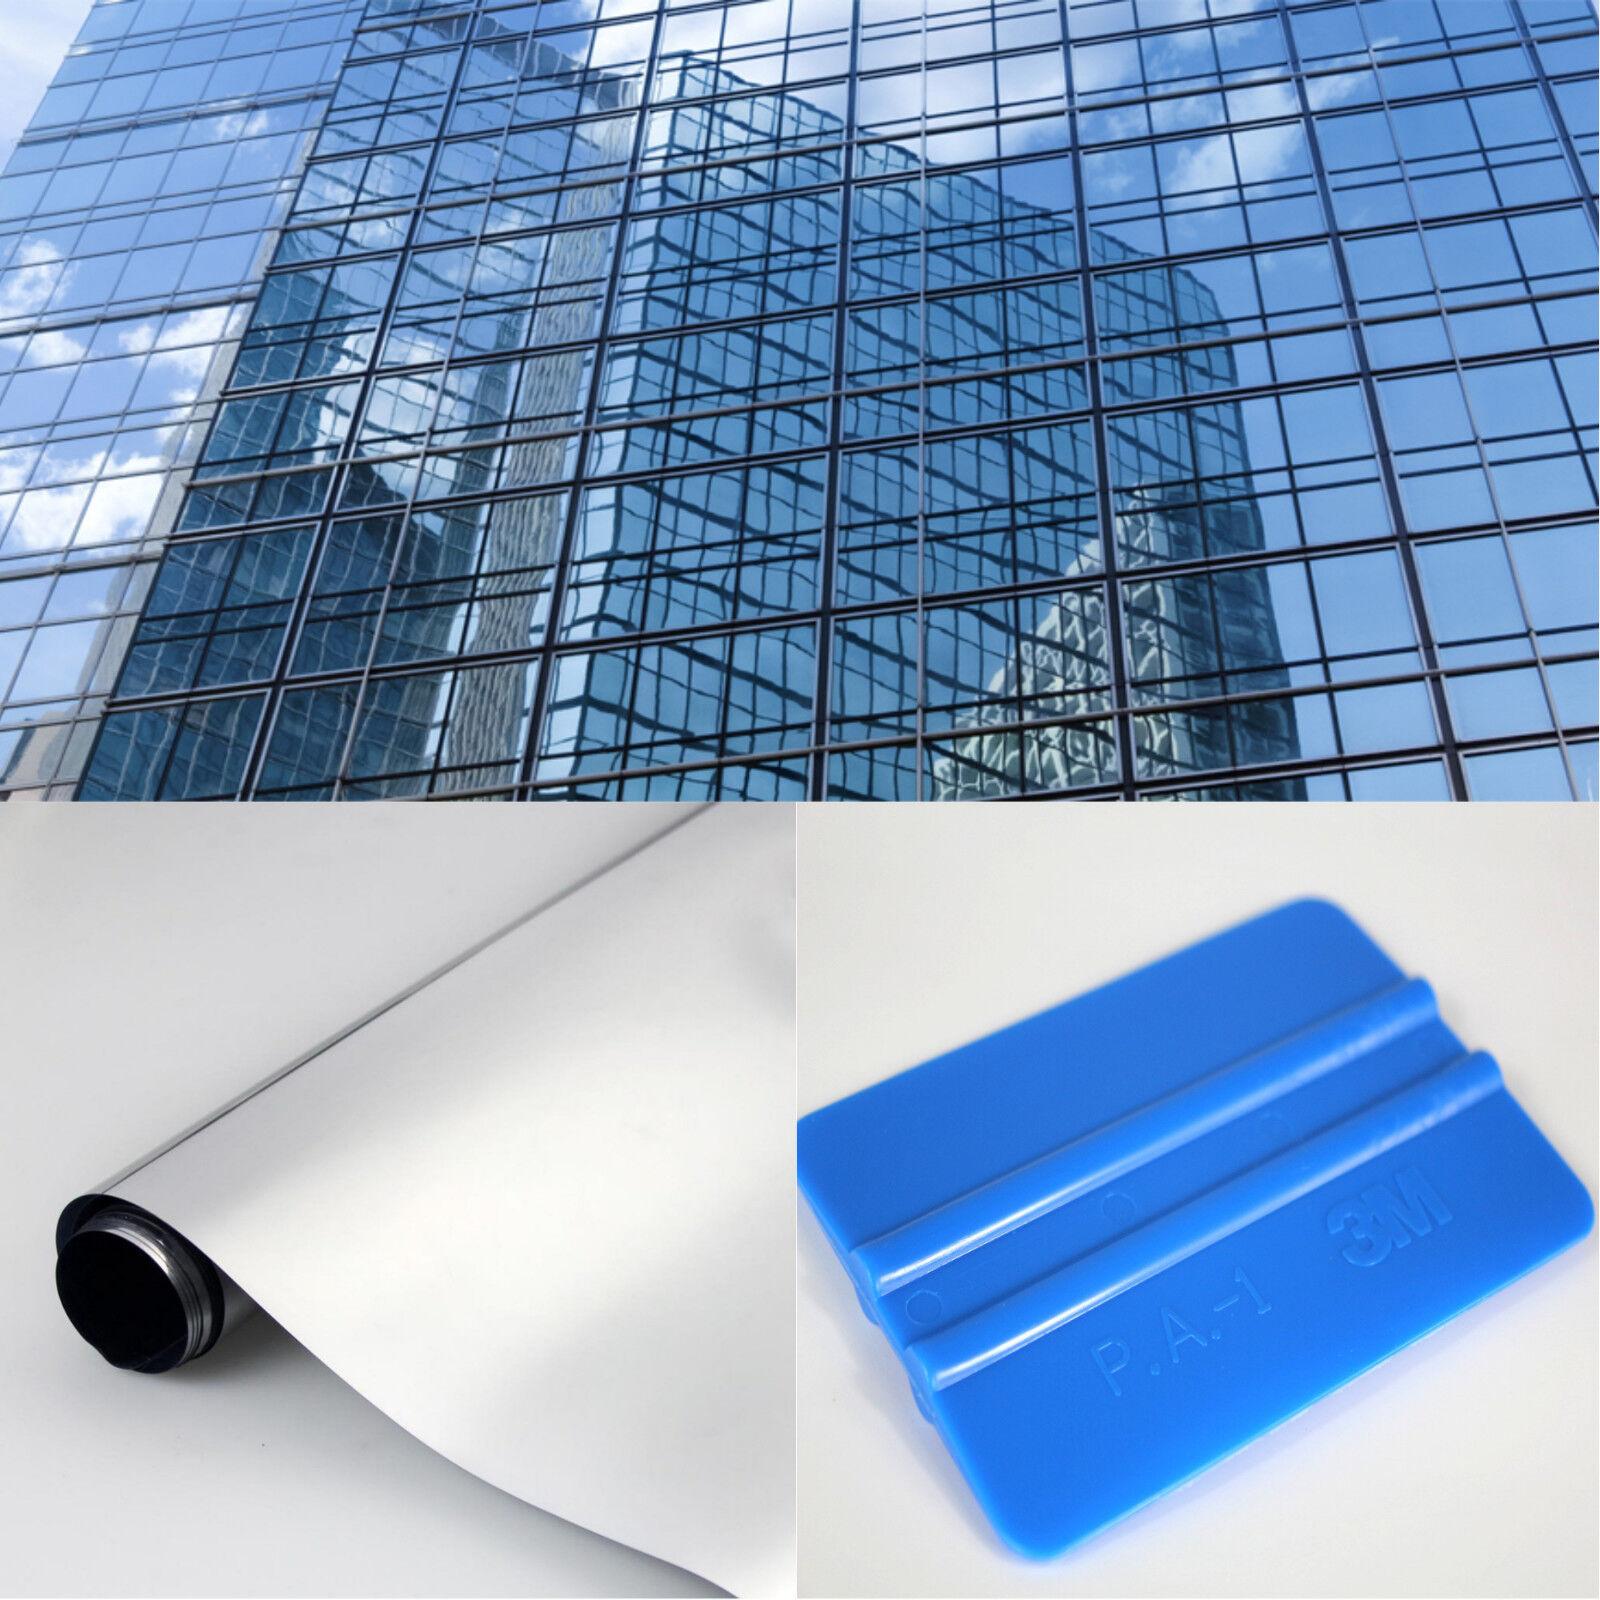 m² Spiegelfolie Fensterfolie Sichtschutzfolie UV Sonnenschutz Spionfolie